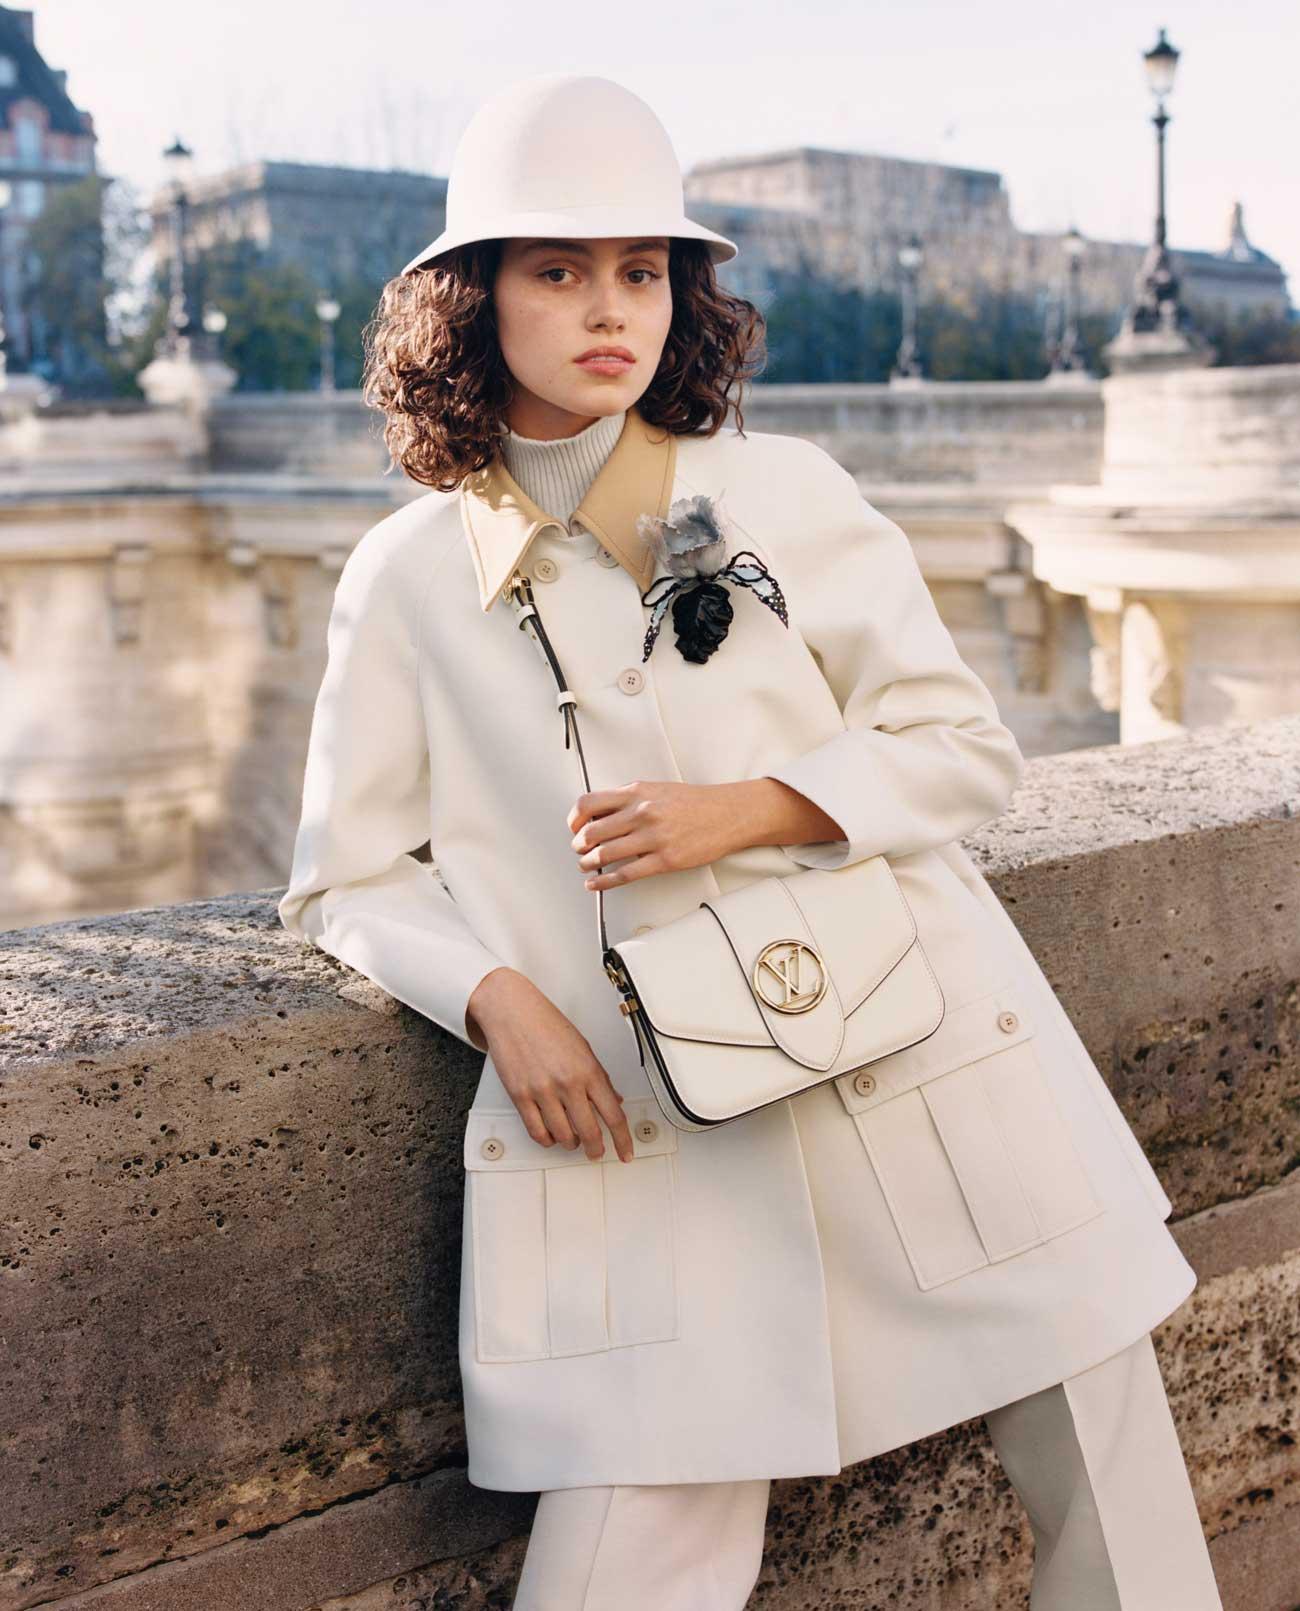 Người mẫu mặc trang phục retro đeo túi LV Pont 9 màu trắng